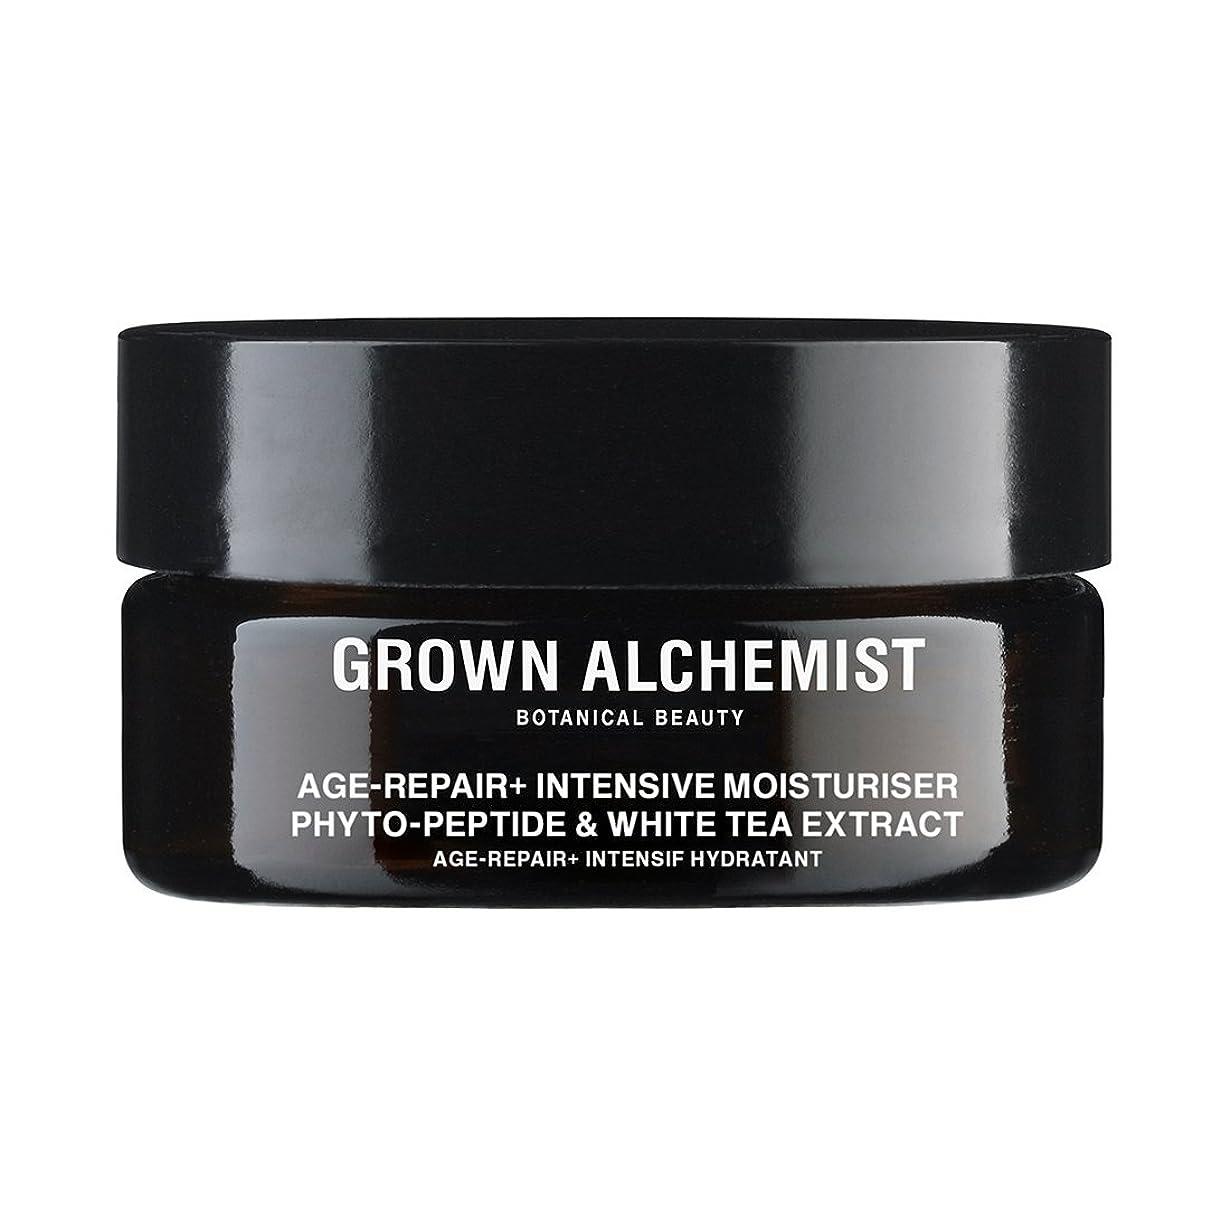 前ディベートキャリアGrown Alchemist Age-Repair+ Intensive Moisturiser - White Tea & Phyto-Peptide 40ml/1.35oz並行輸入品